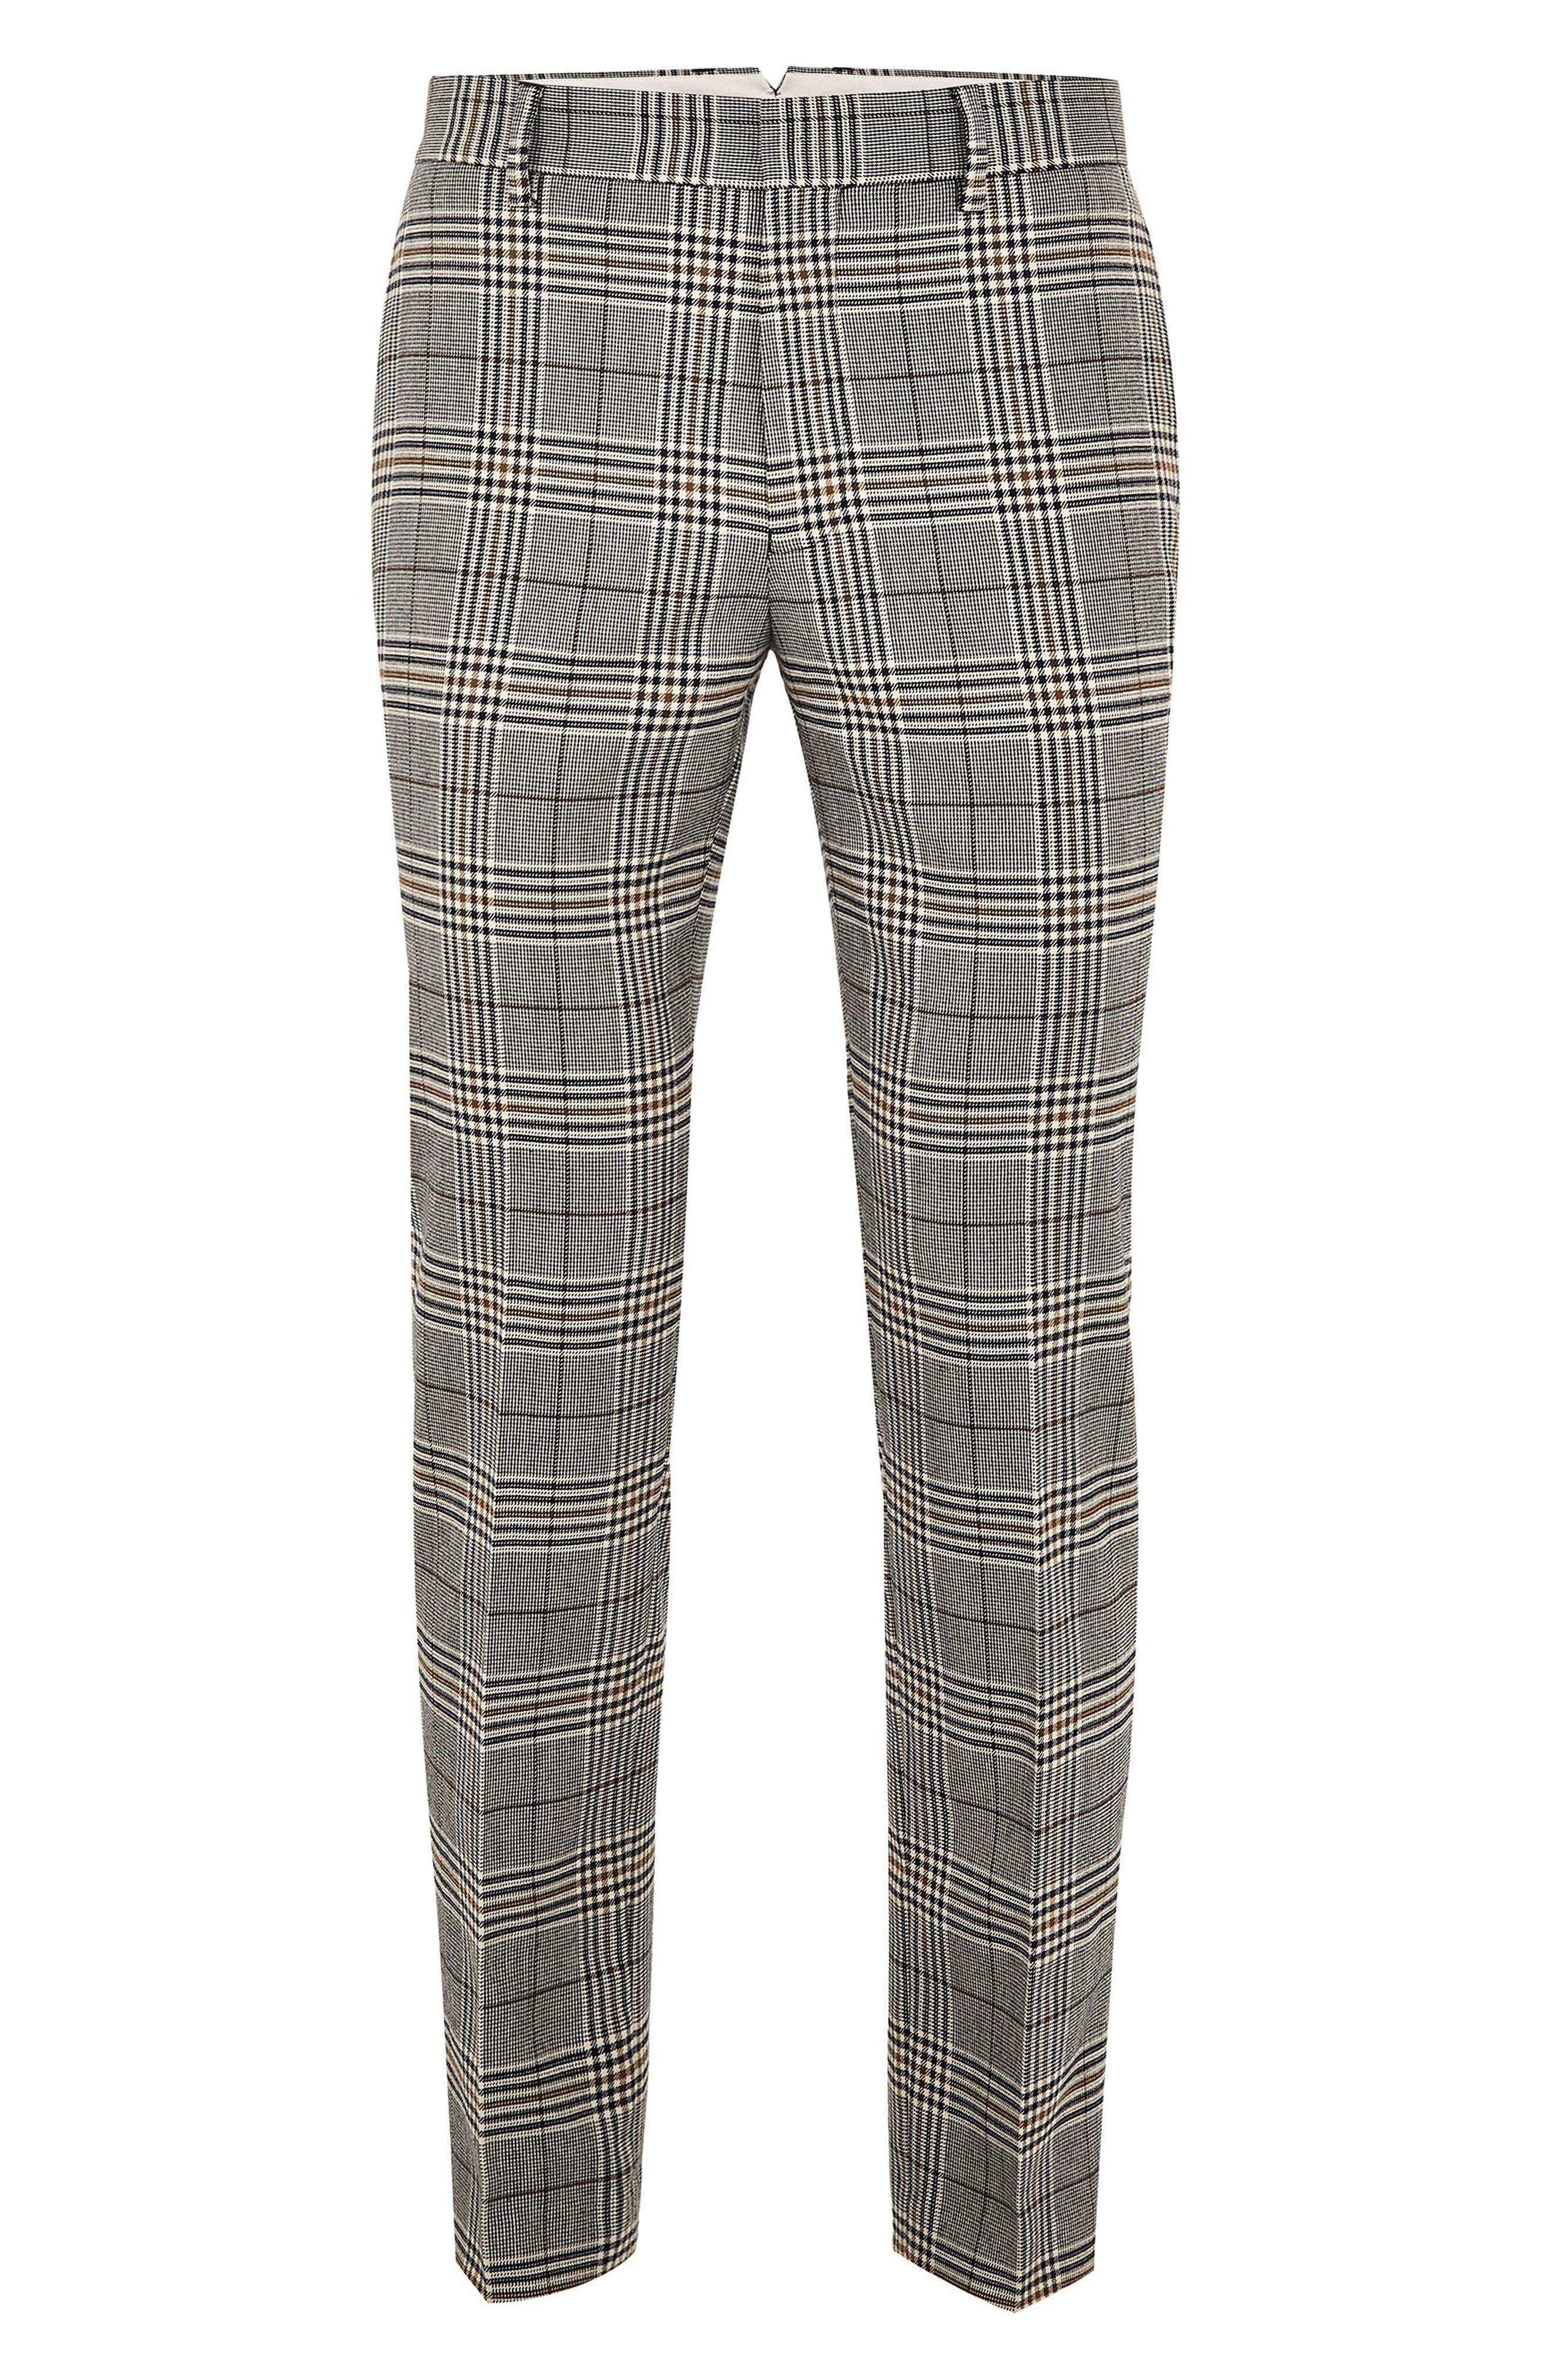 Dapple Check Skinny Trousers,                         Main,                         color, STONE MULTI